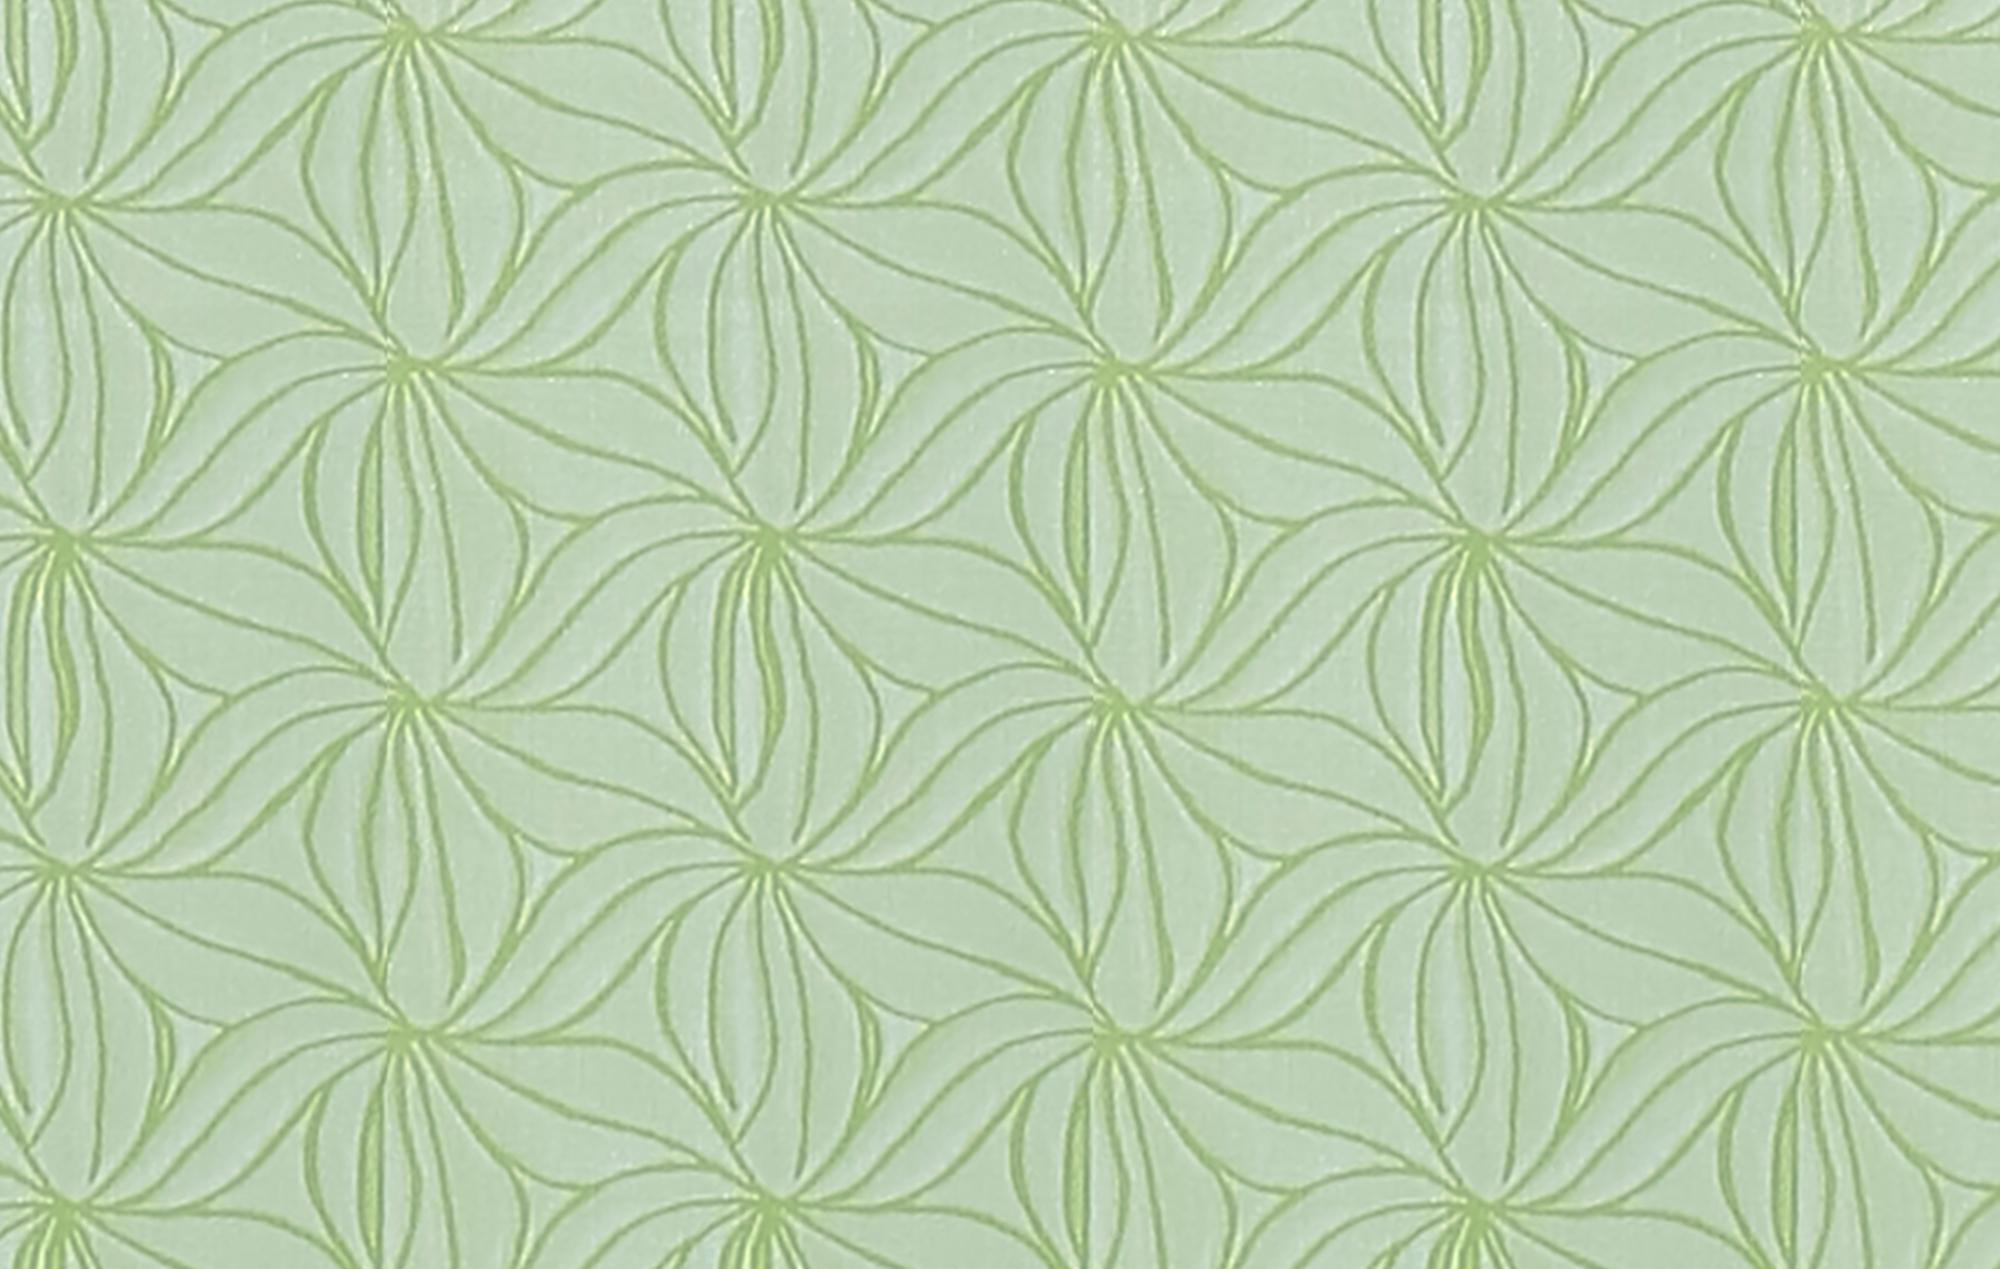 151-150_Fabric